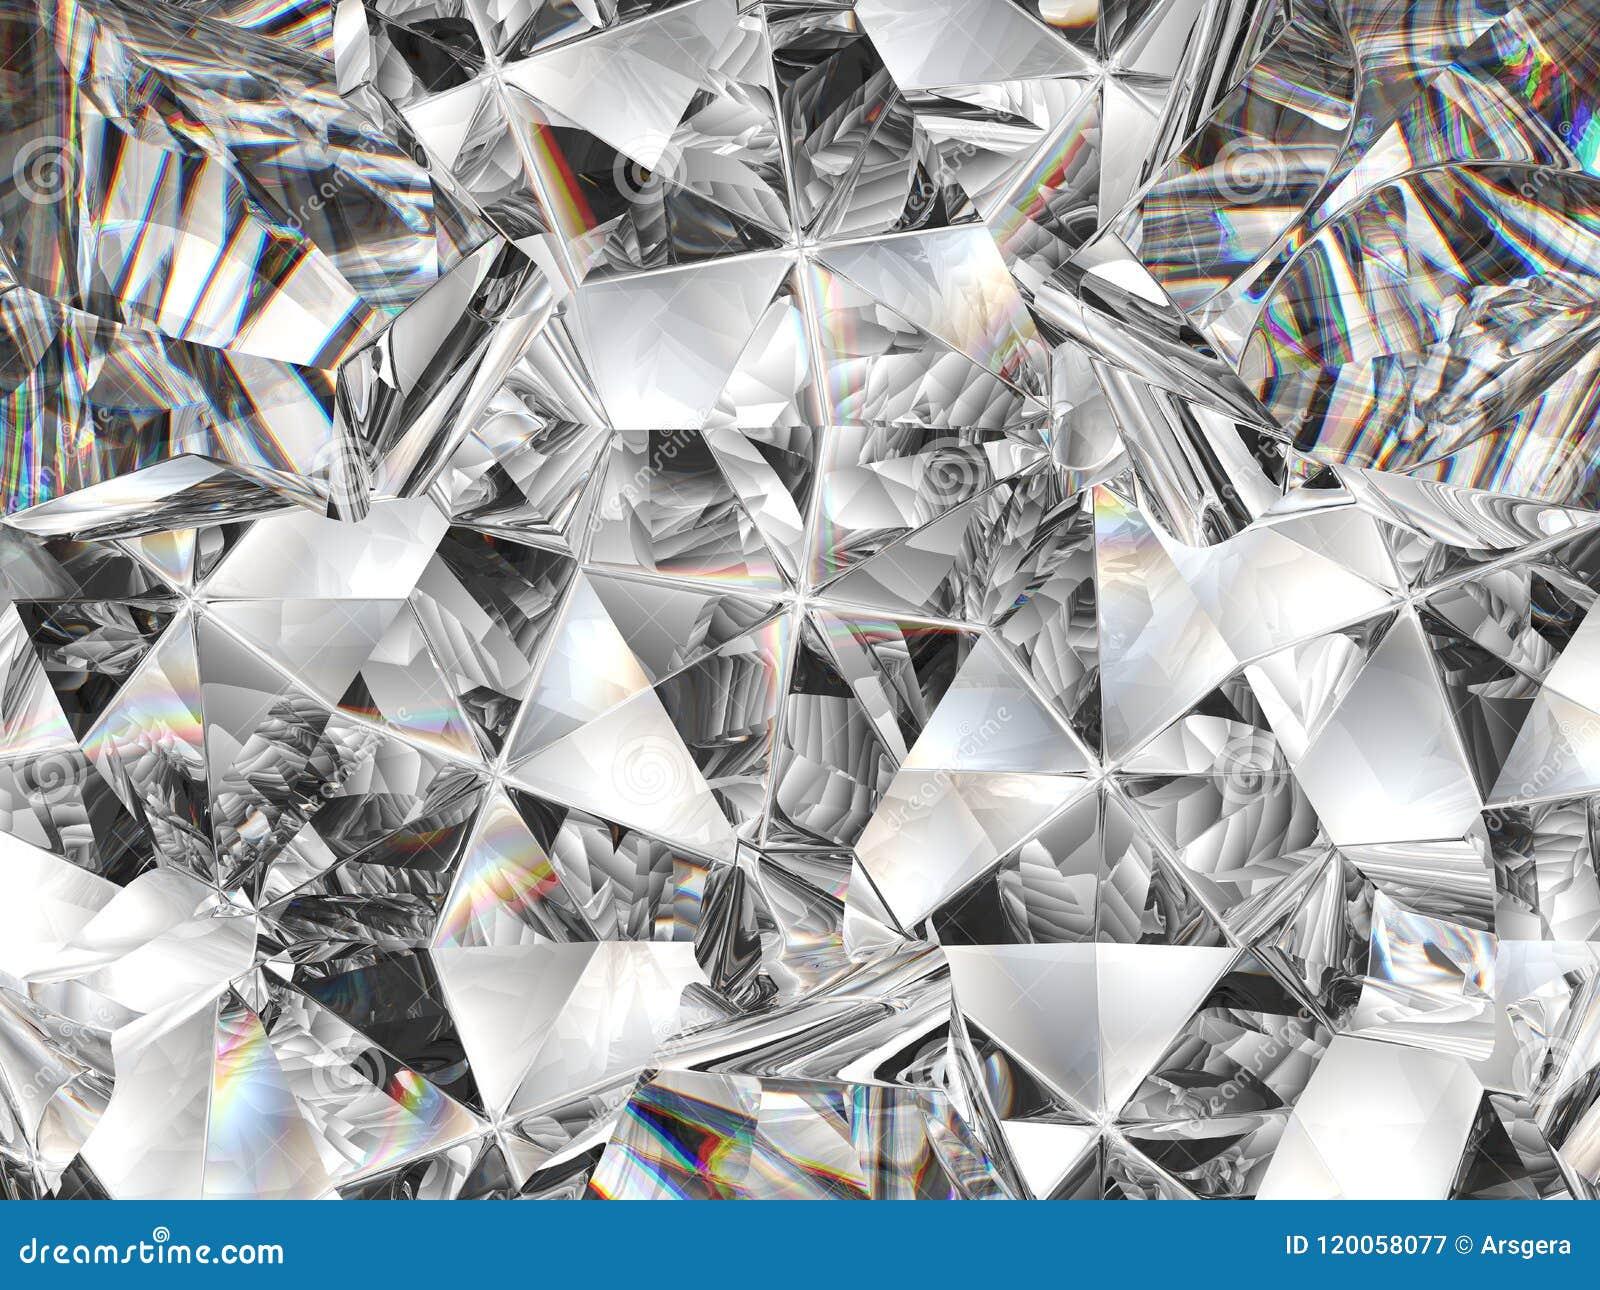 Diamond texture closeup and kaleidoscope